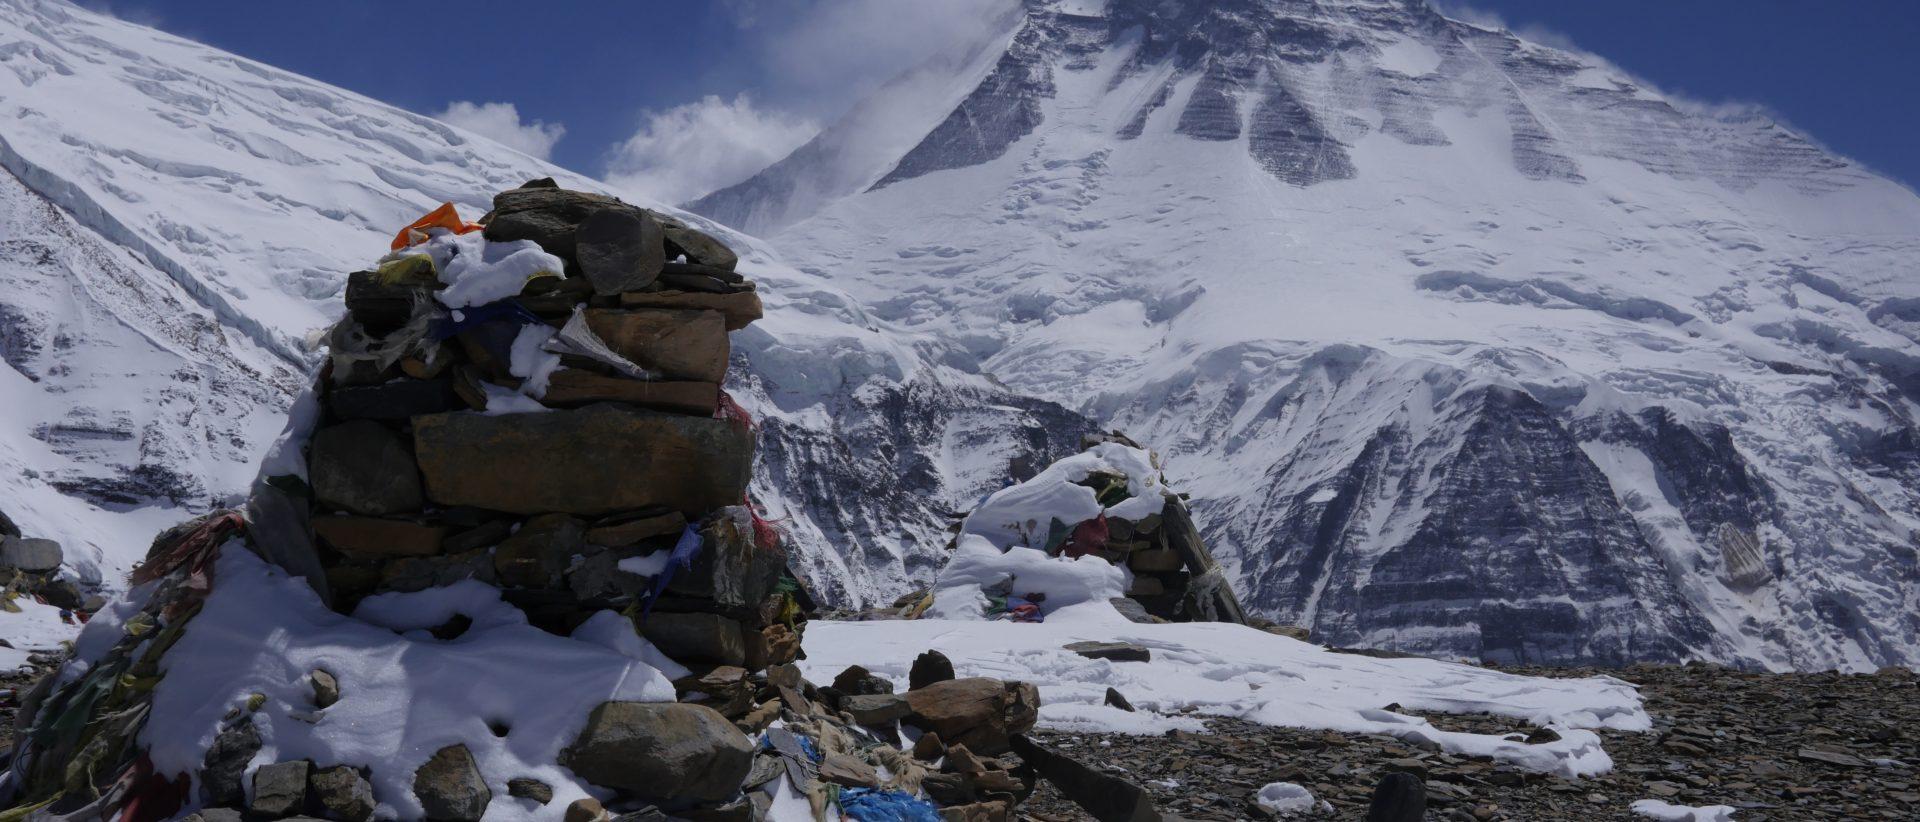 Himalayadventure MMXVII – Dhaulágirí (8167 m)